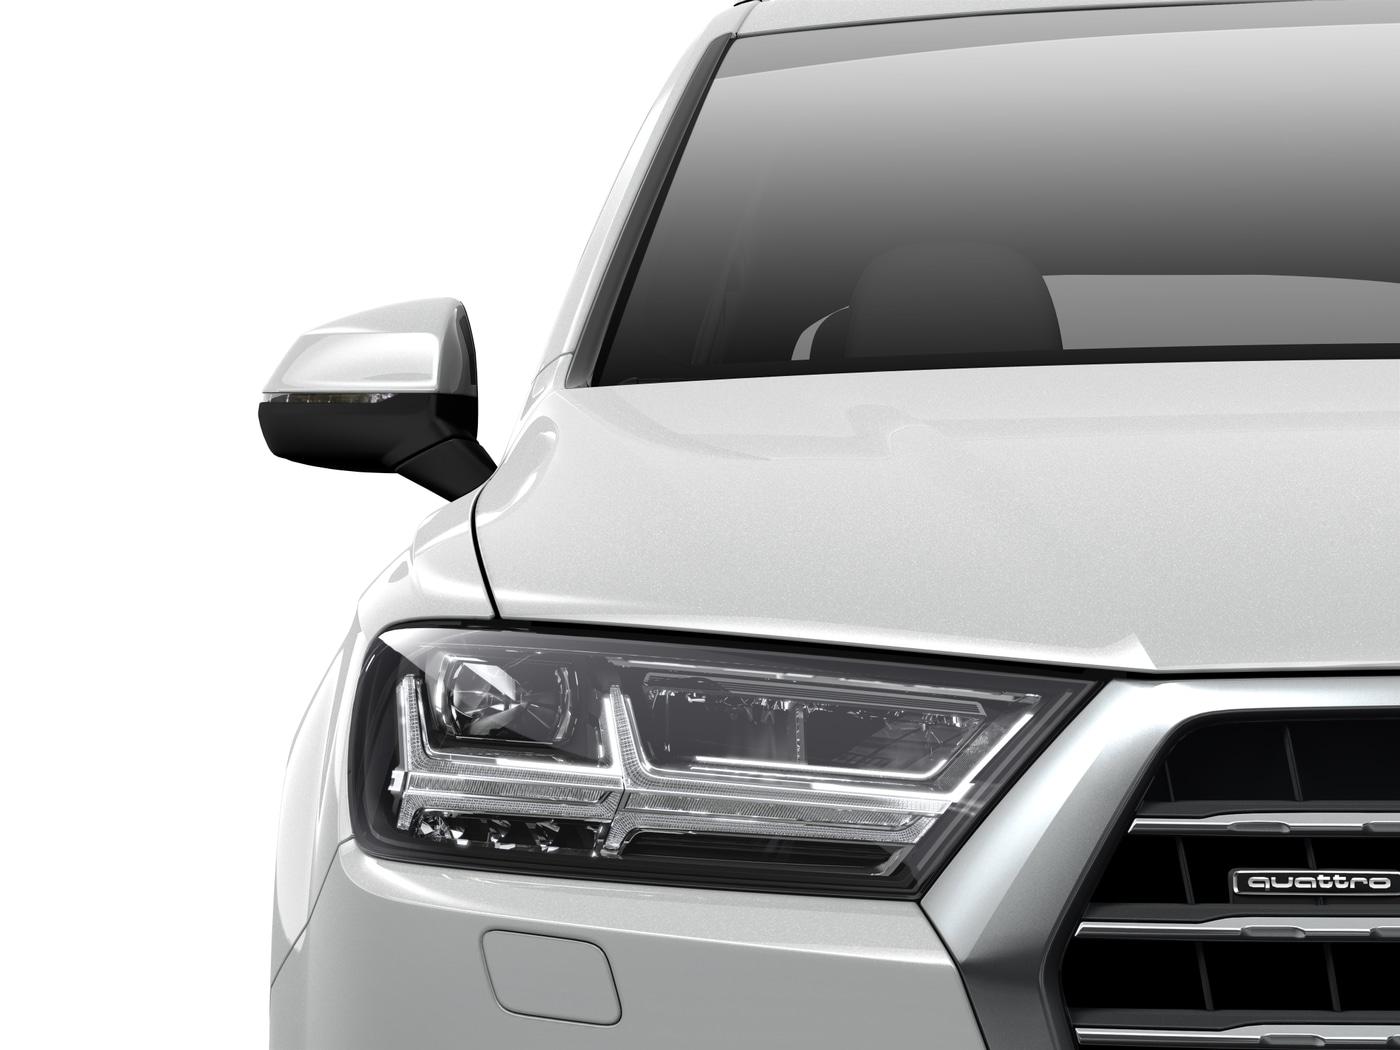 New 2019 Audi Q7 SUV 3 0T Premium Plus Glacier white